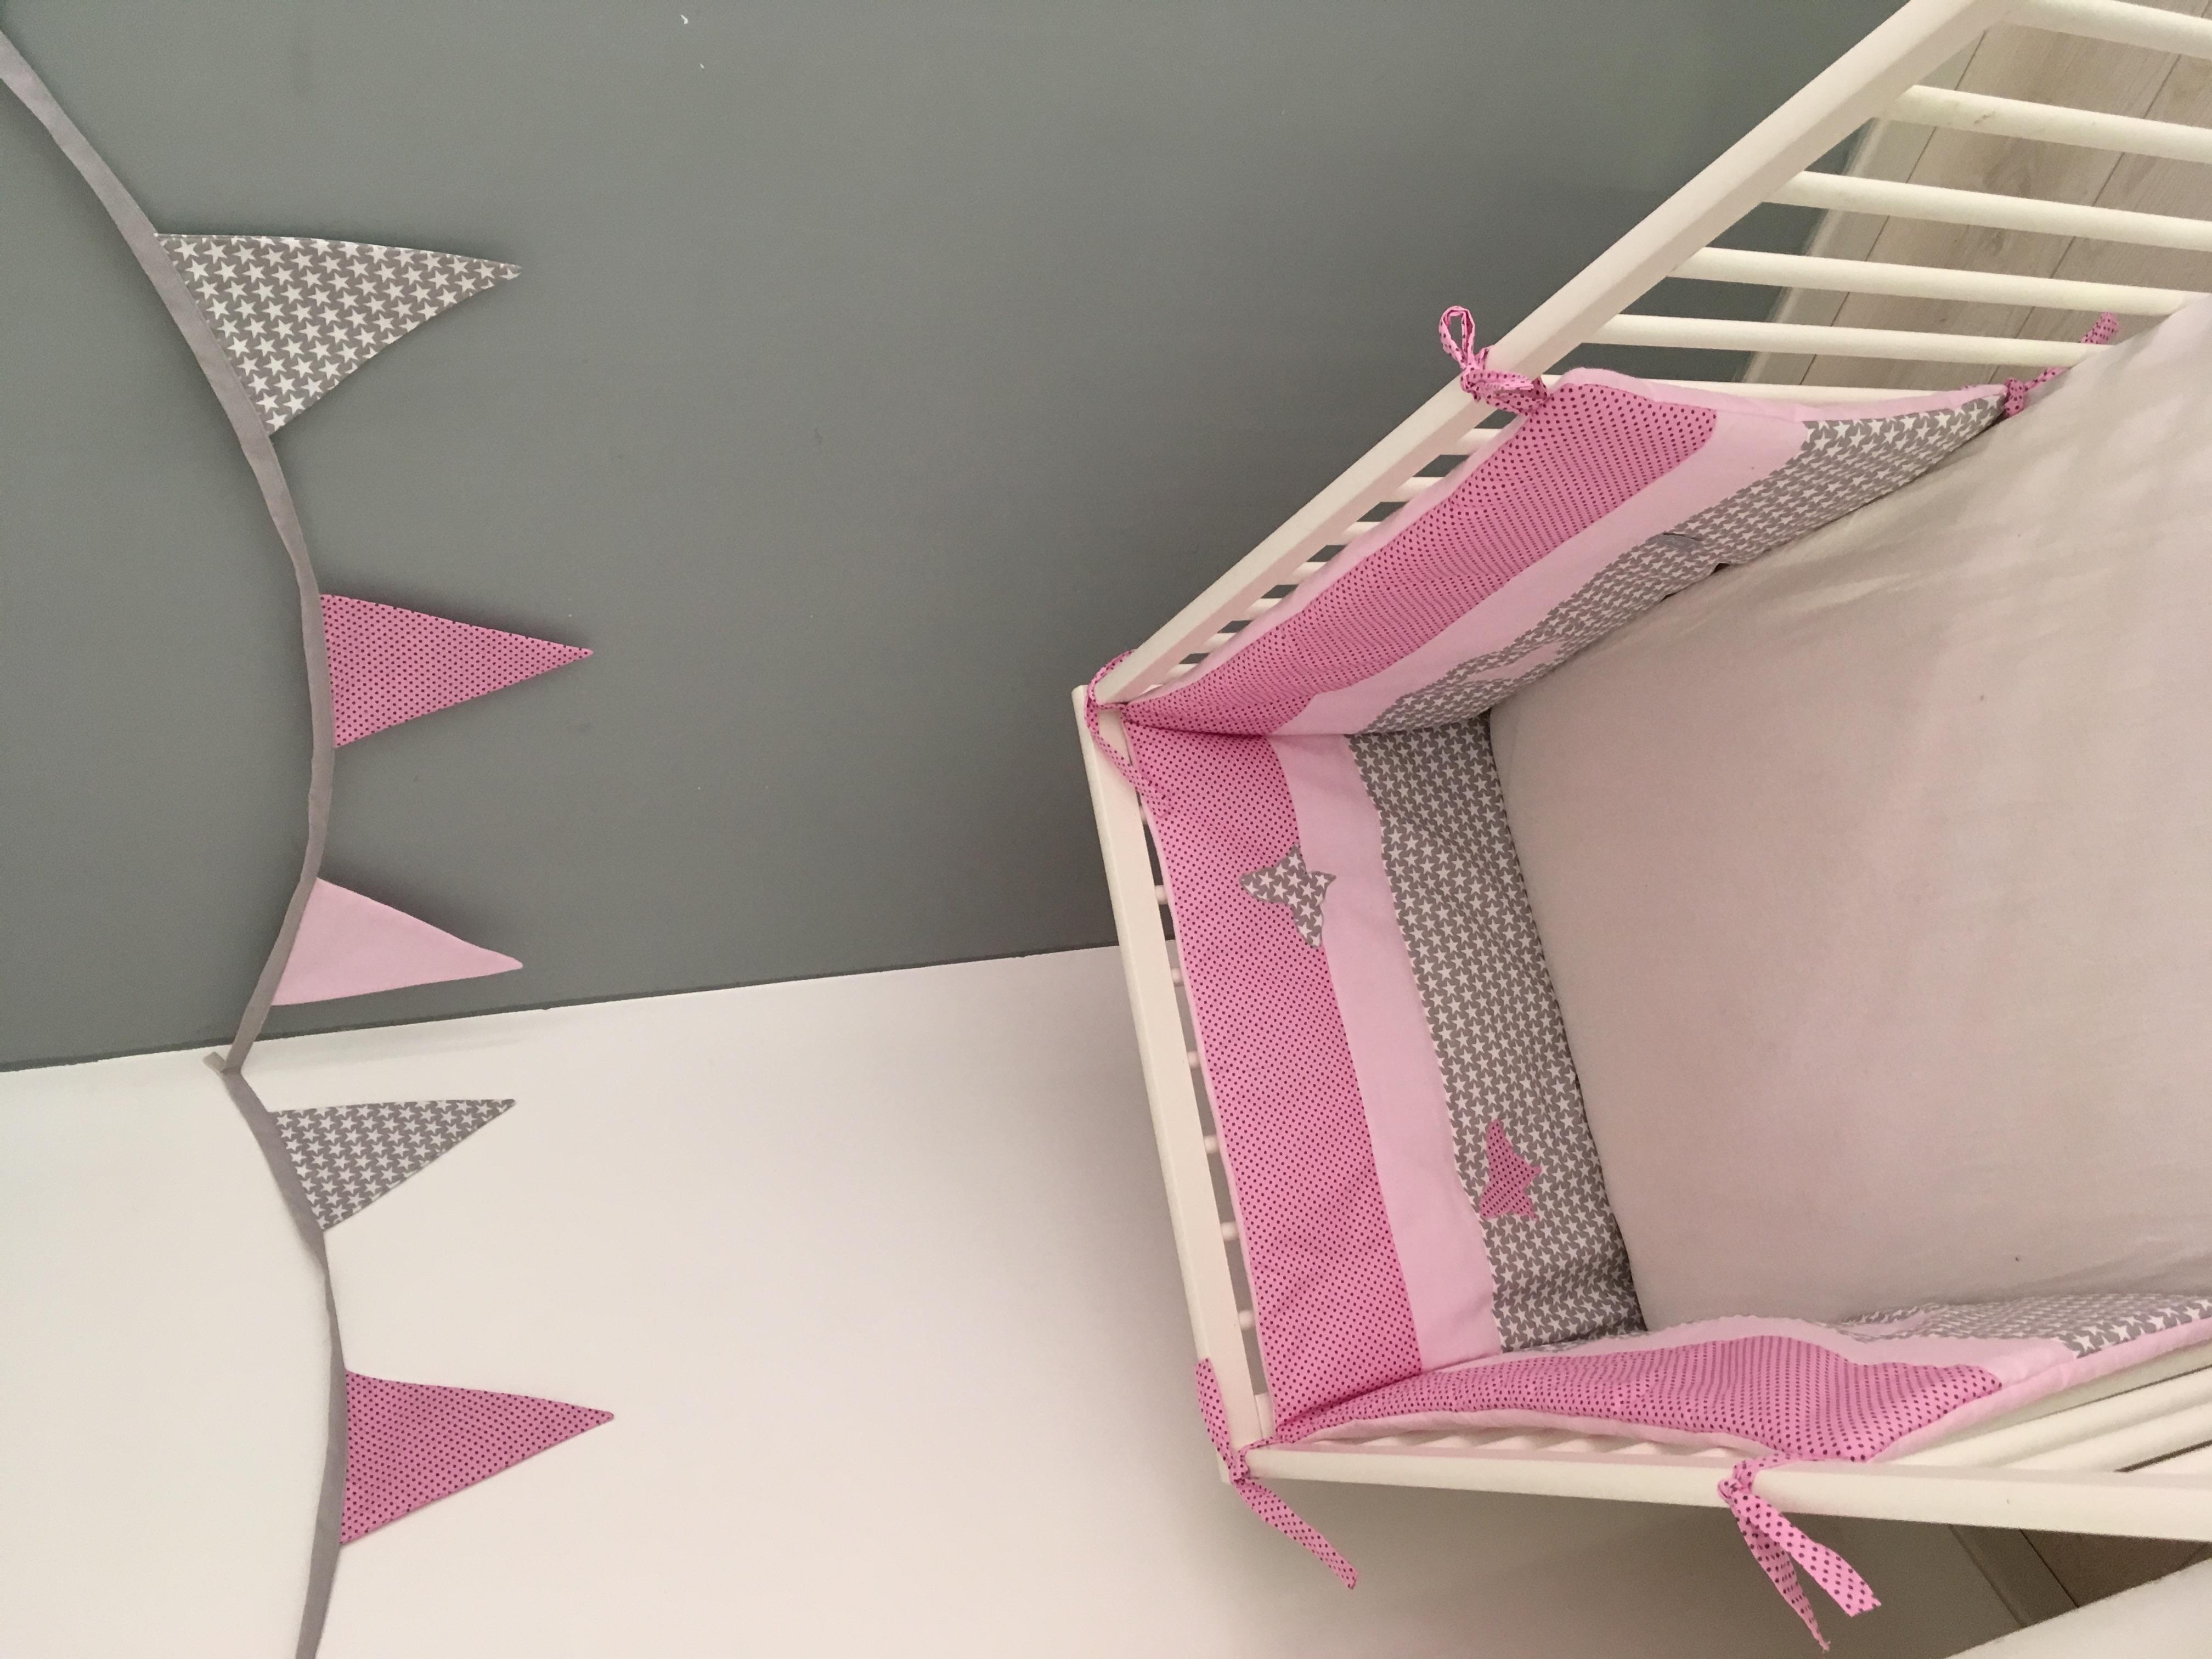 tour de lit rose et gris1